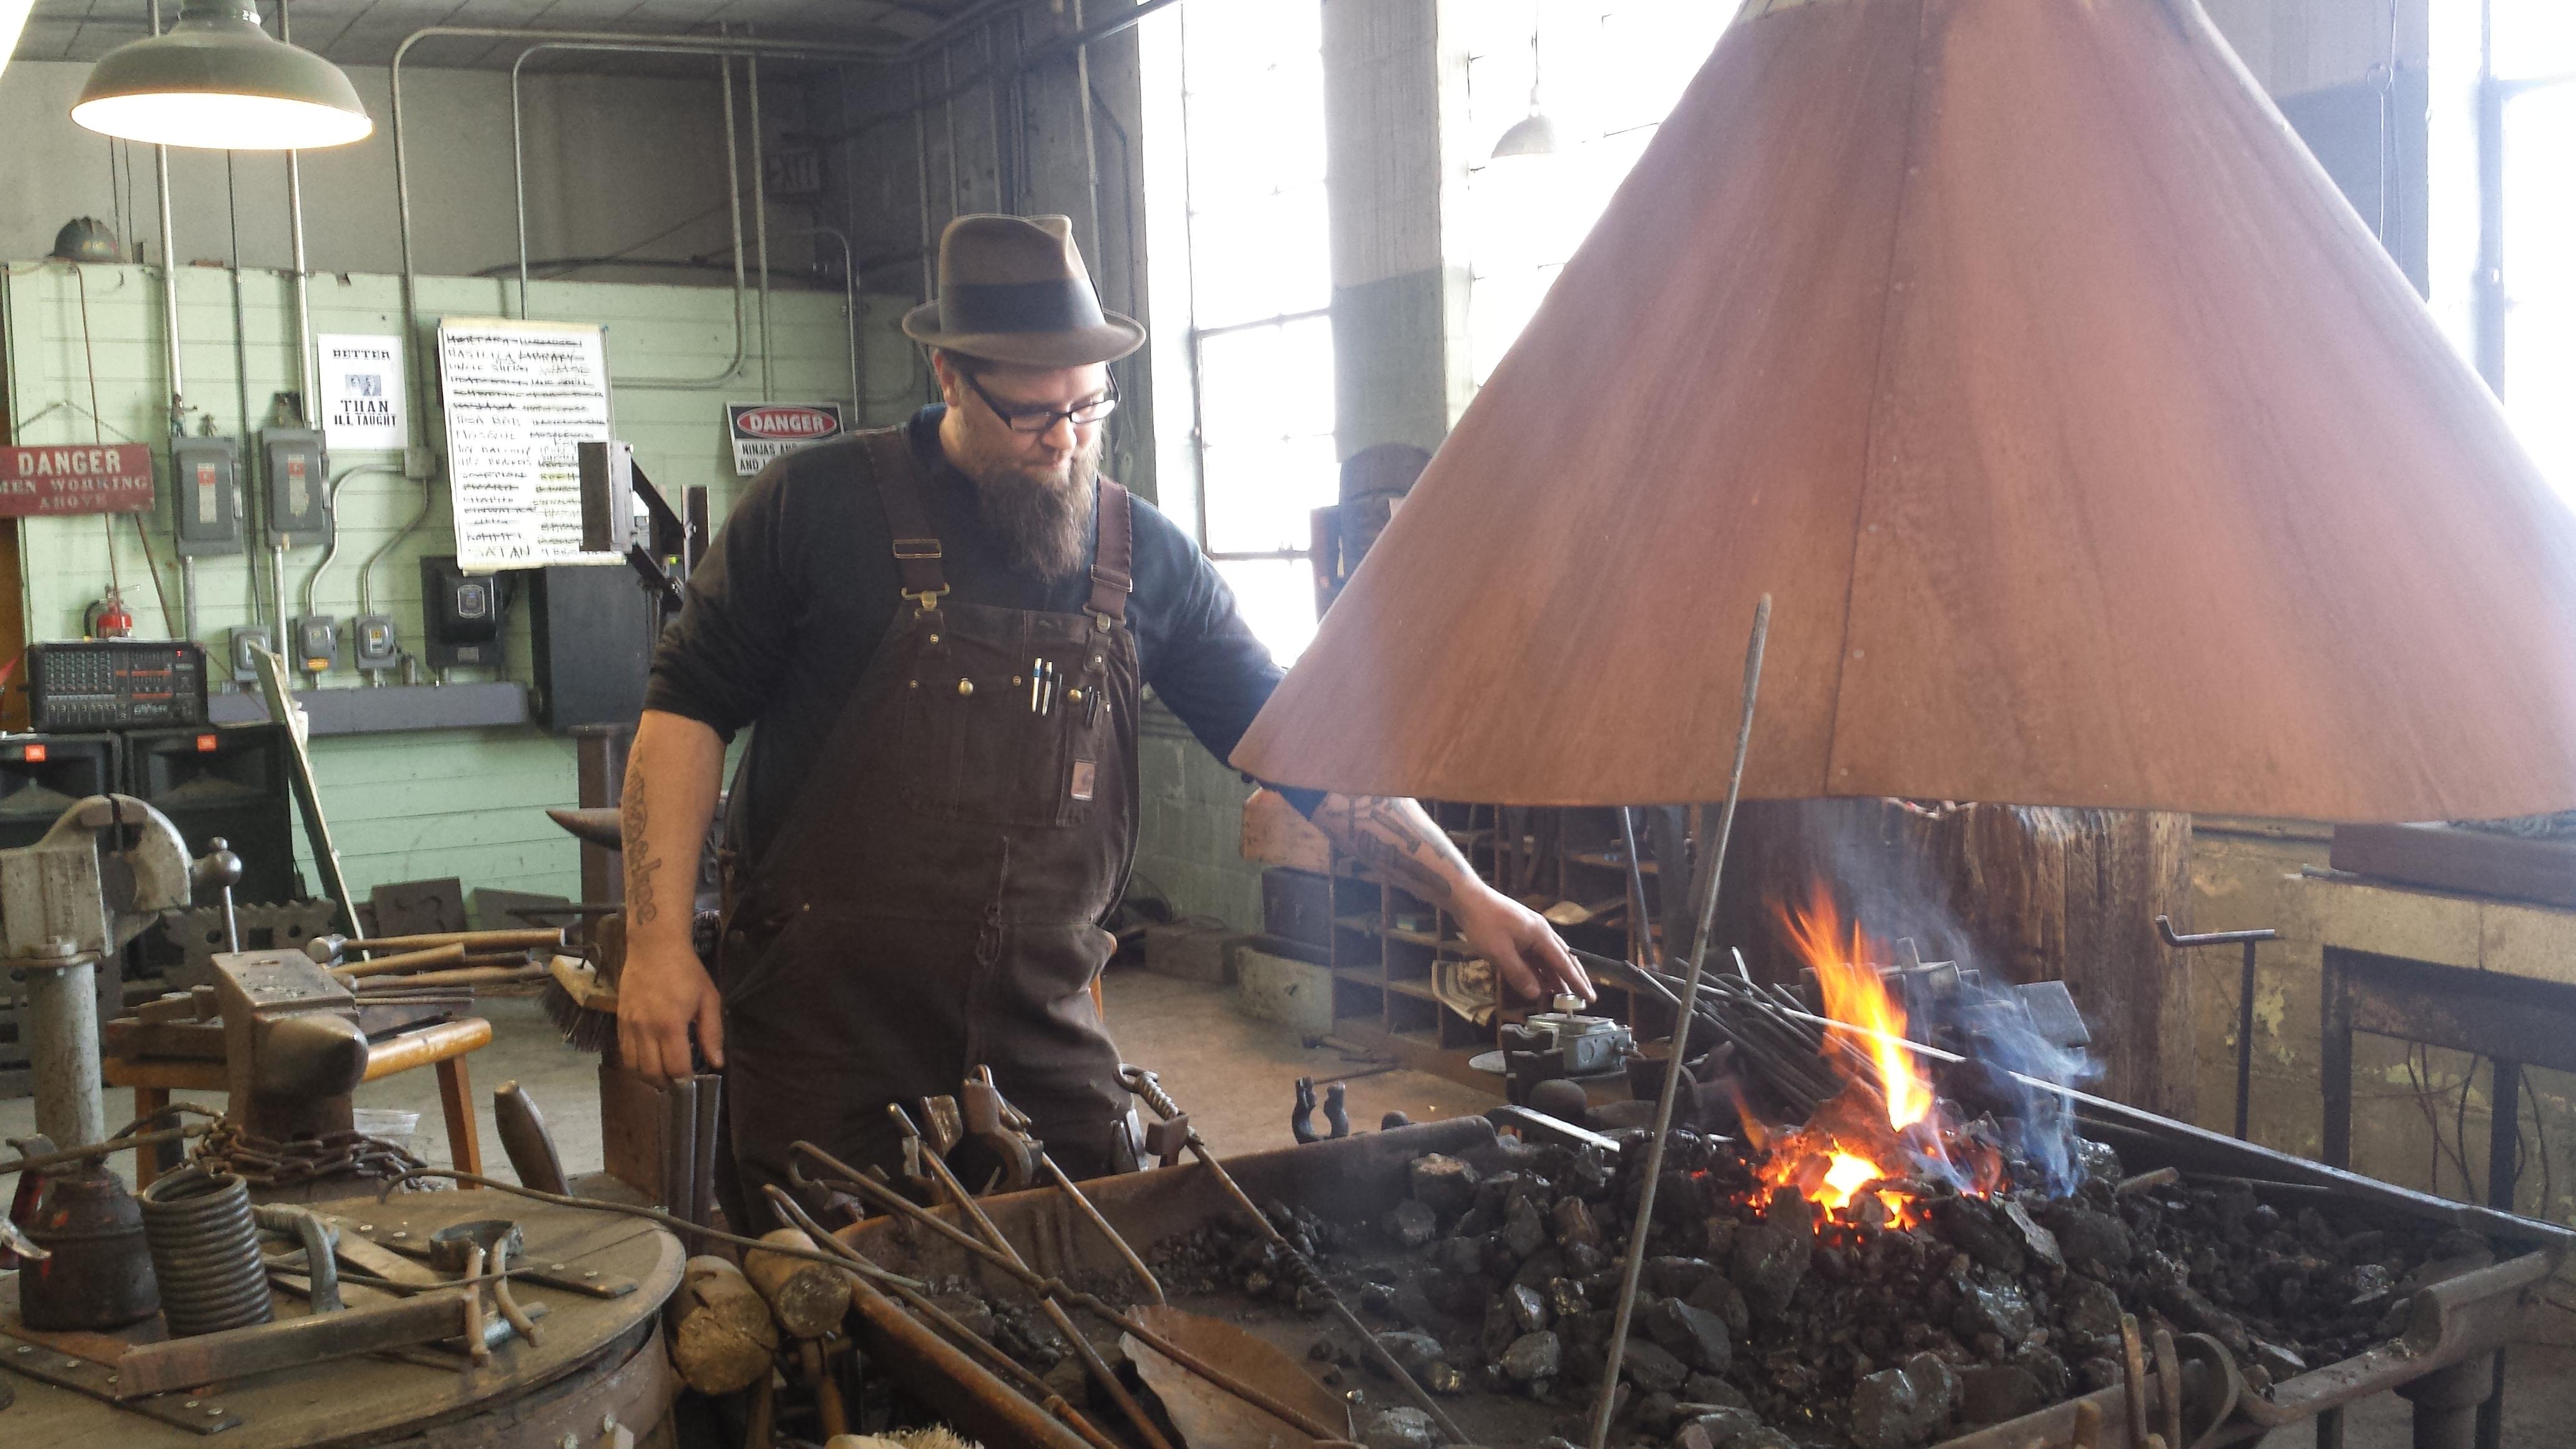 Smitten with Smithing: A Modern Milwaukee Blacksmith | WUWM